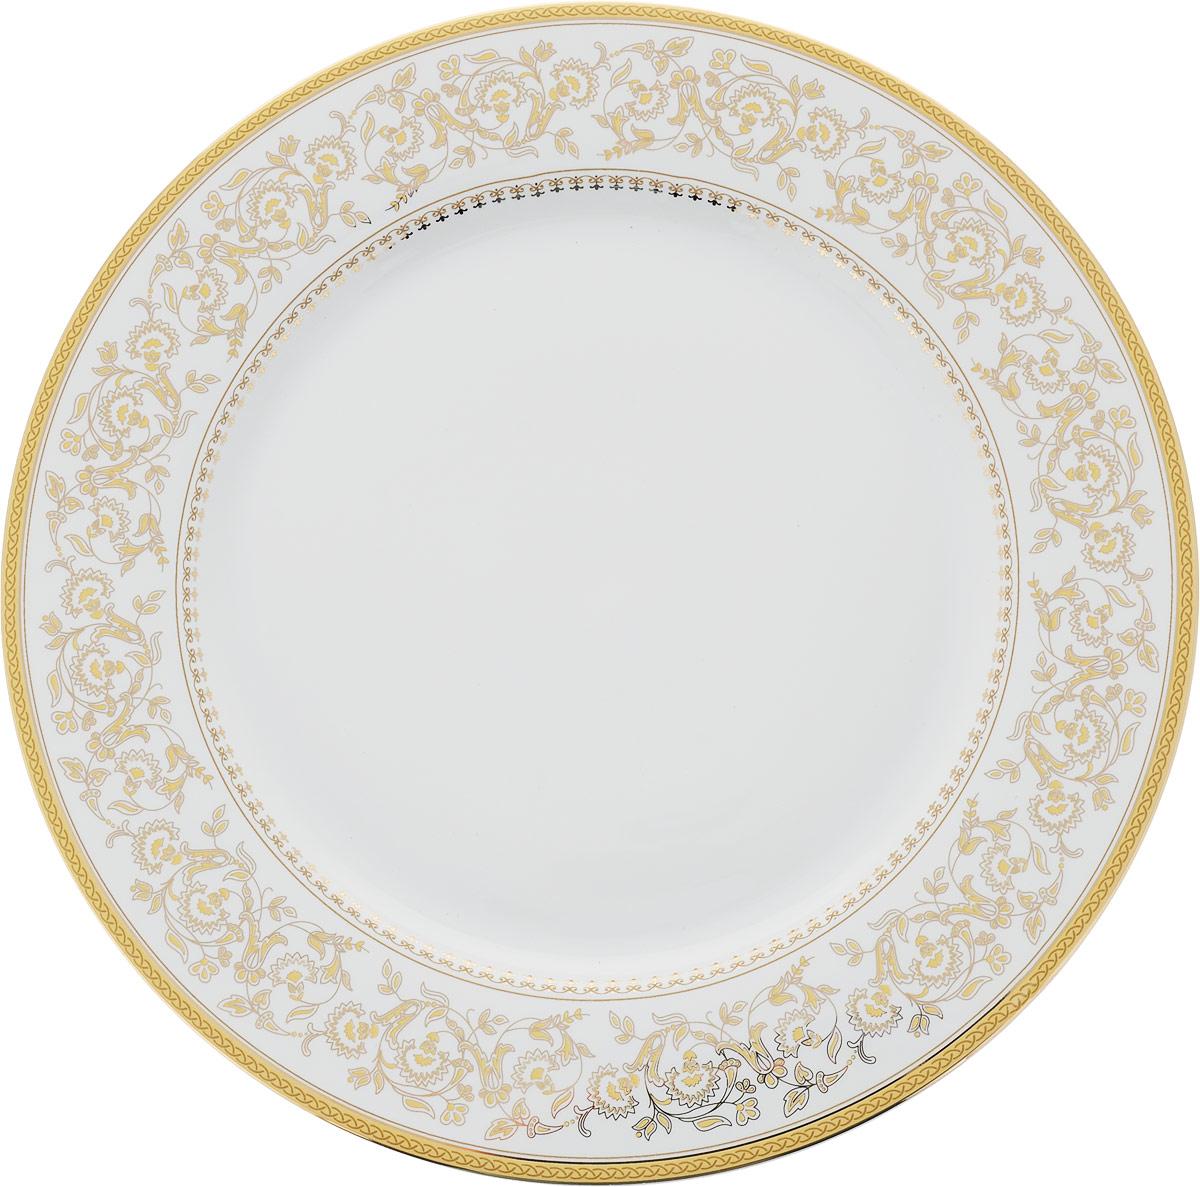 Тарелка обеденная МФК-профит Империя, диаметр 23 см сувенир мфк профит набор посуды гадкий я 3 пр кружка 210 мл миска 18 см тарелка 19 см в под уп